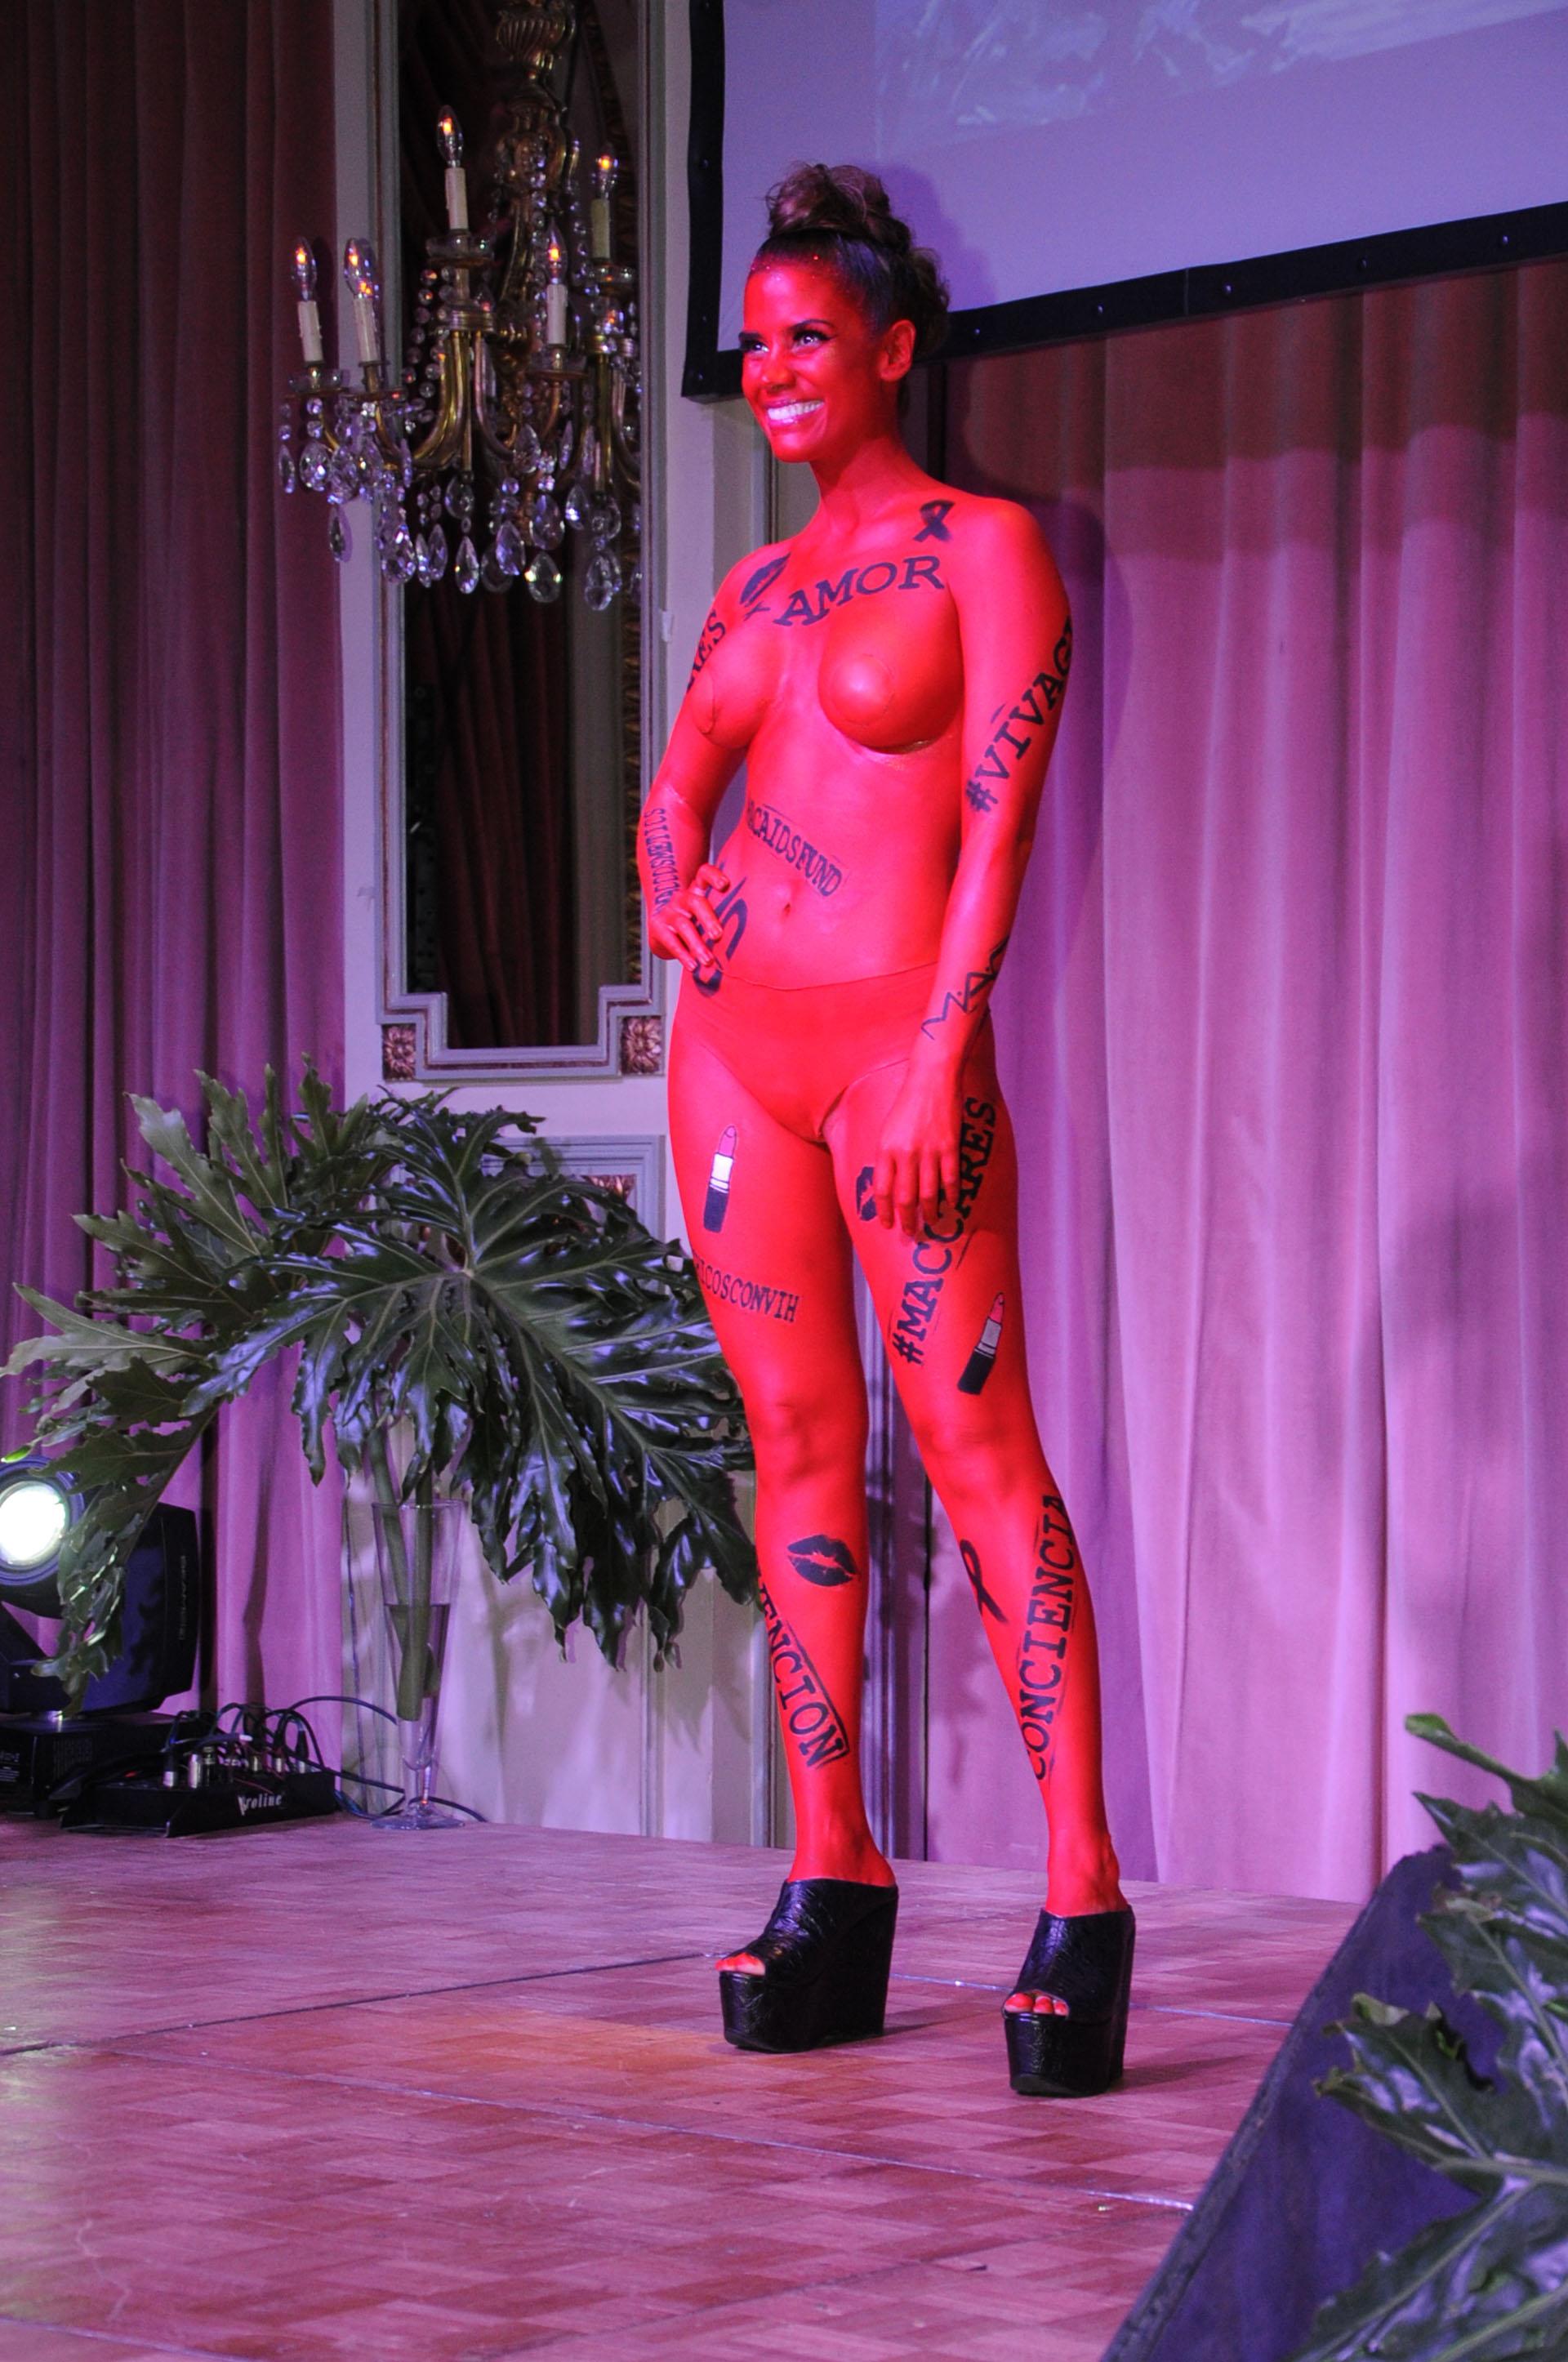 Amor, conciencia, prevención: fueron algunas palabras que tenía en su cuerpo una modelo con un body painting que desfiló durante la gala